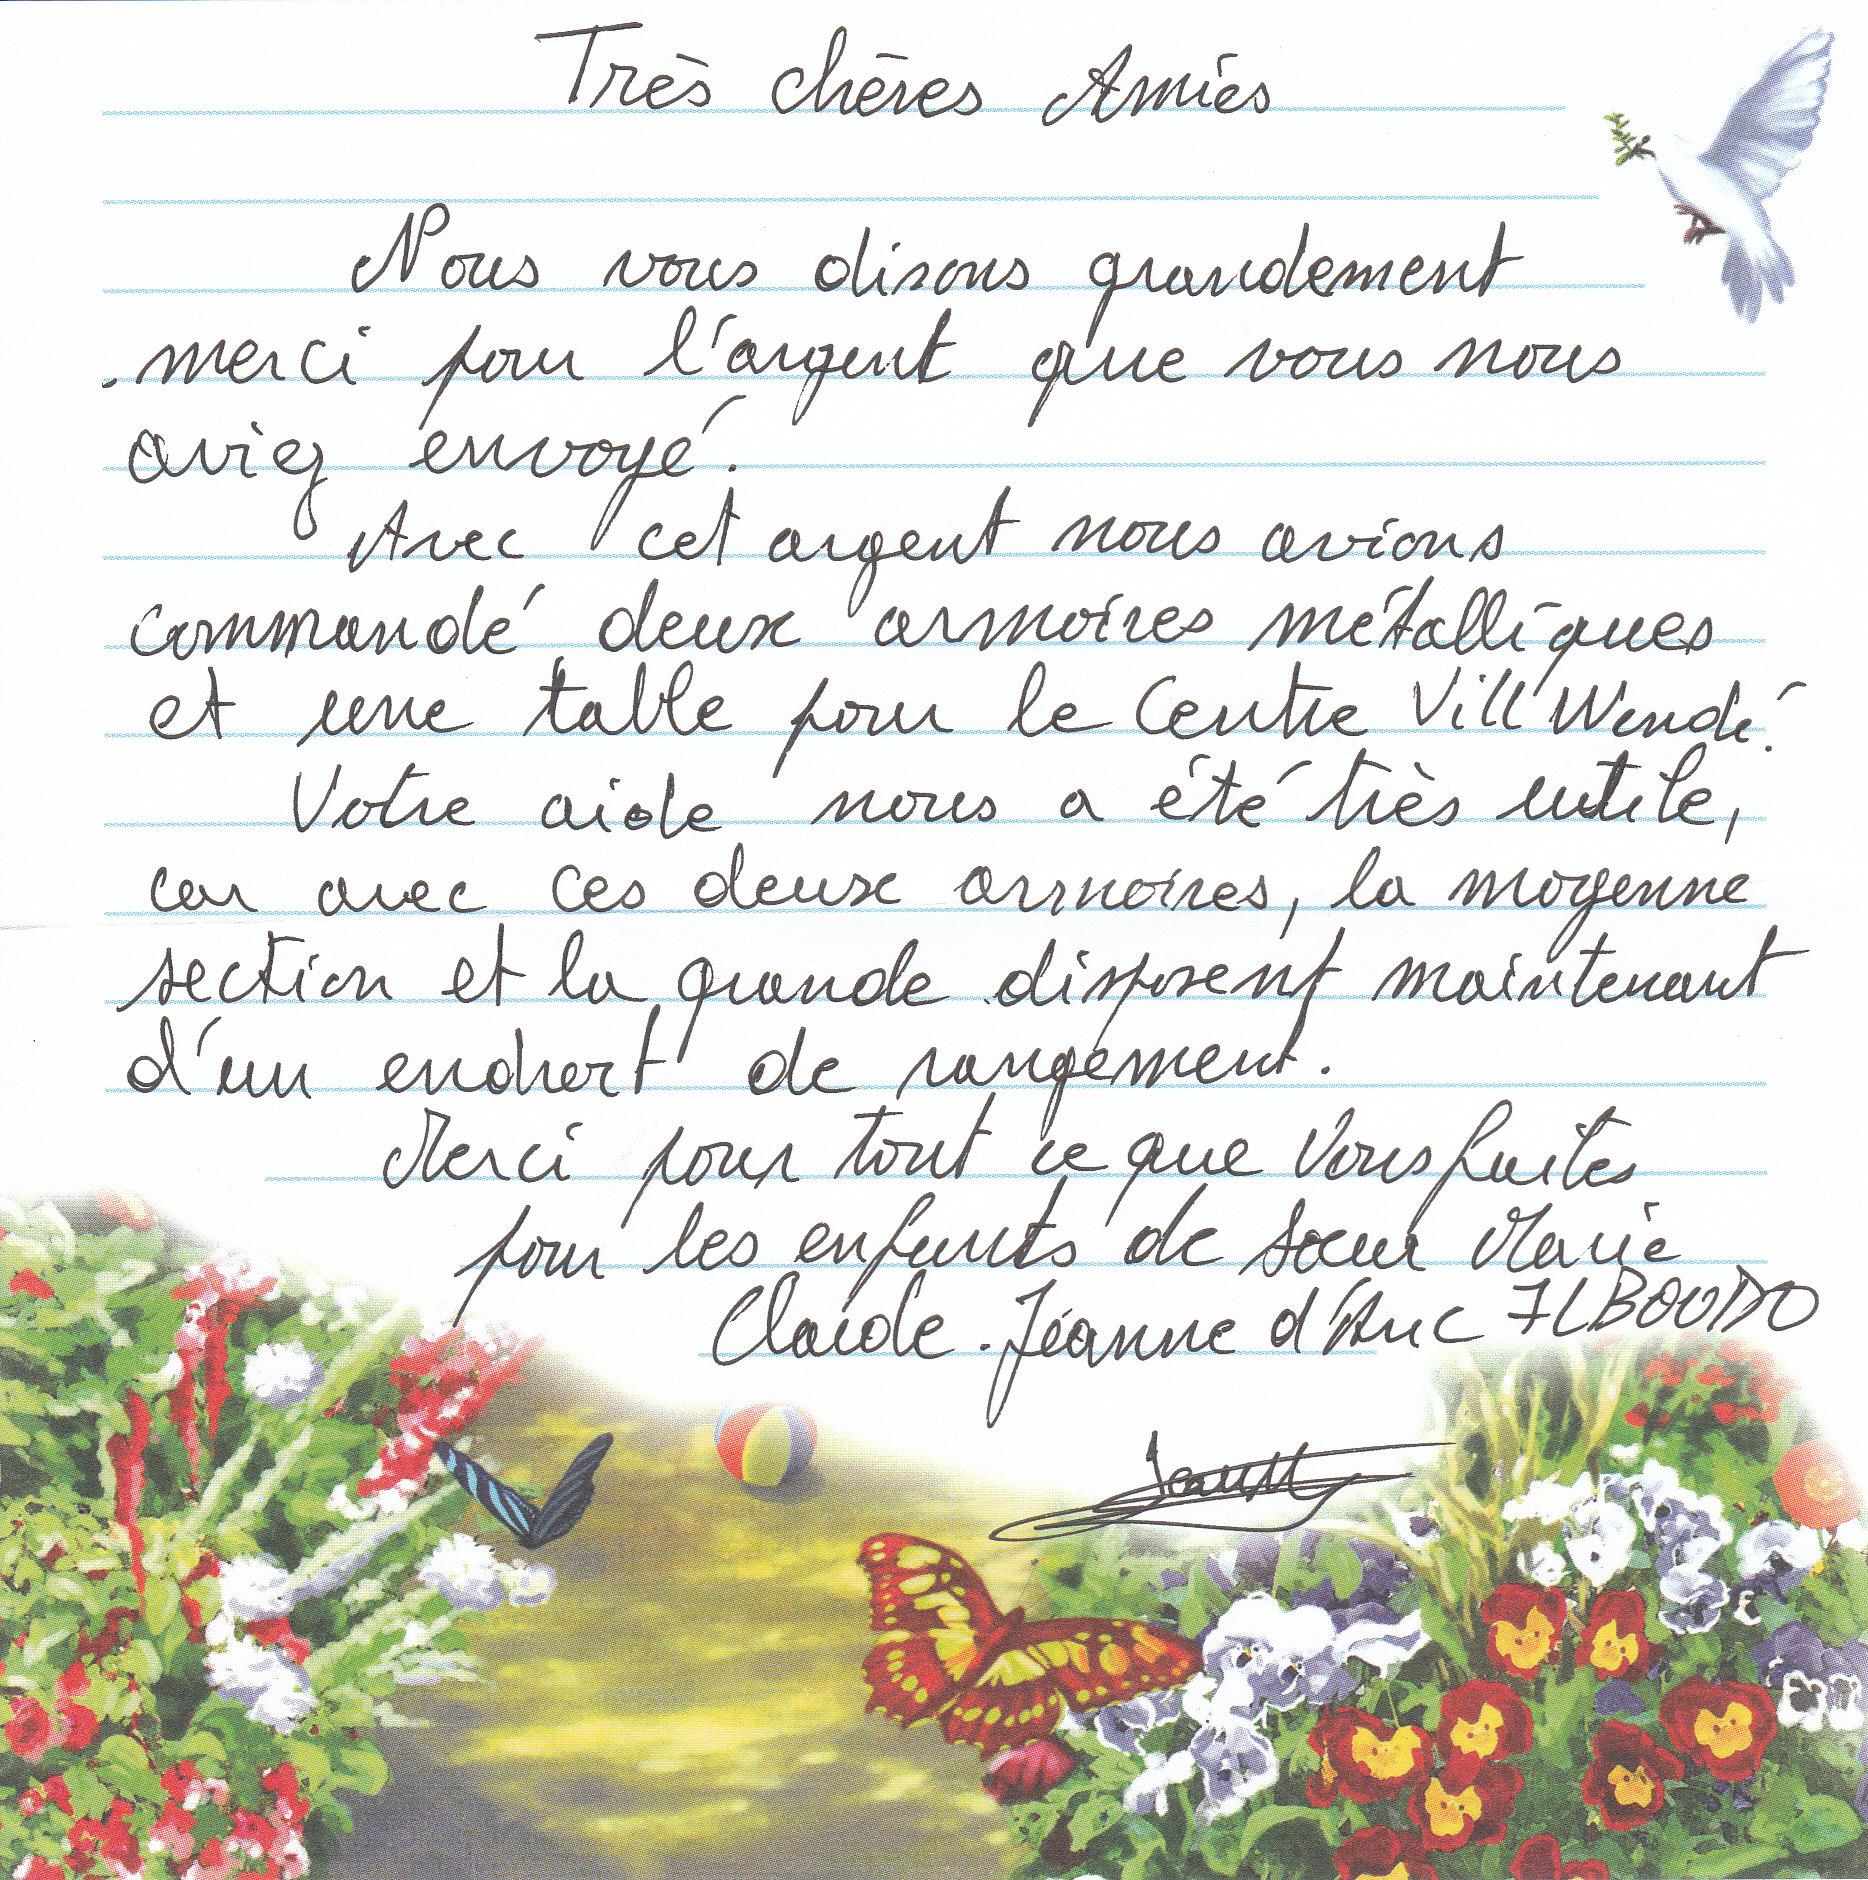 lettre de remerciement a une amie pour son soutien